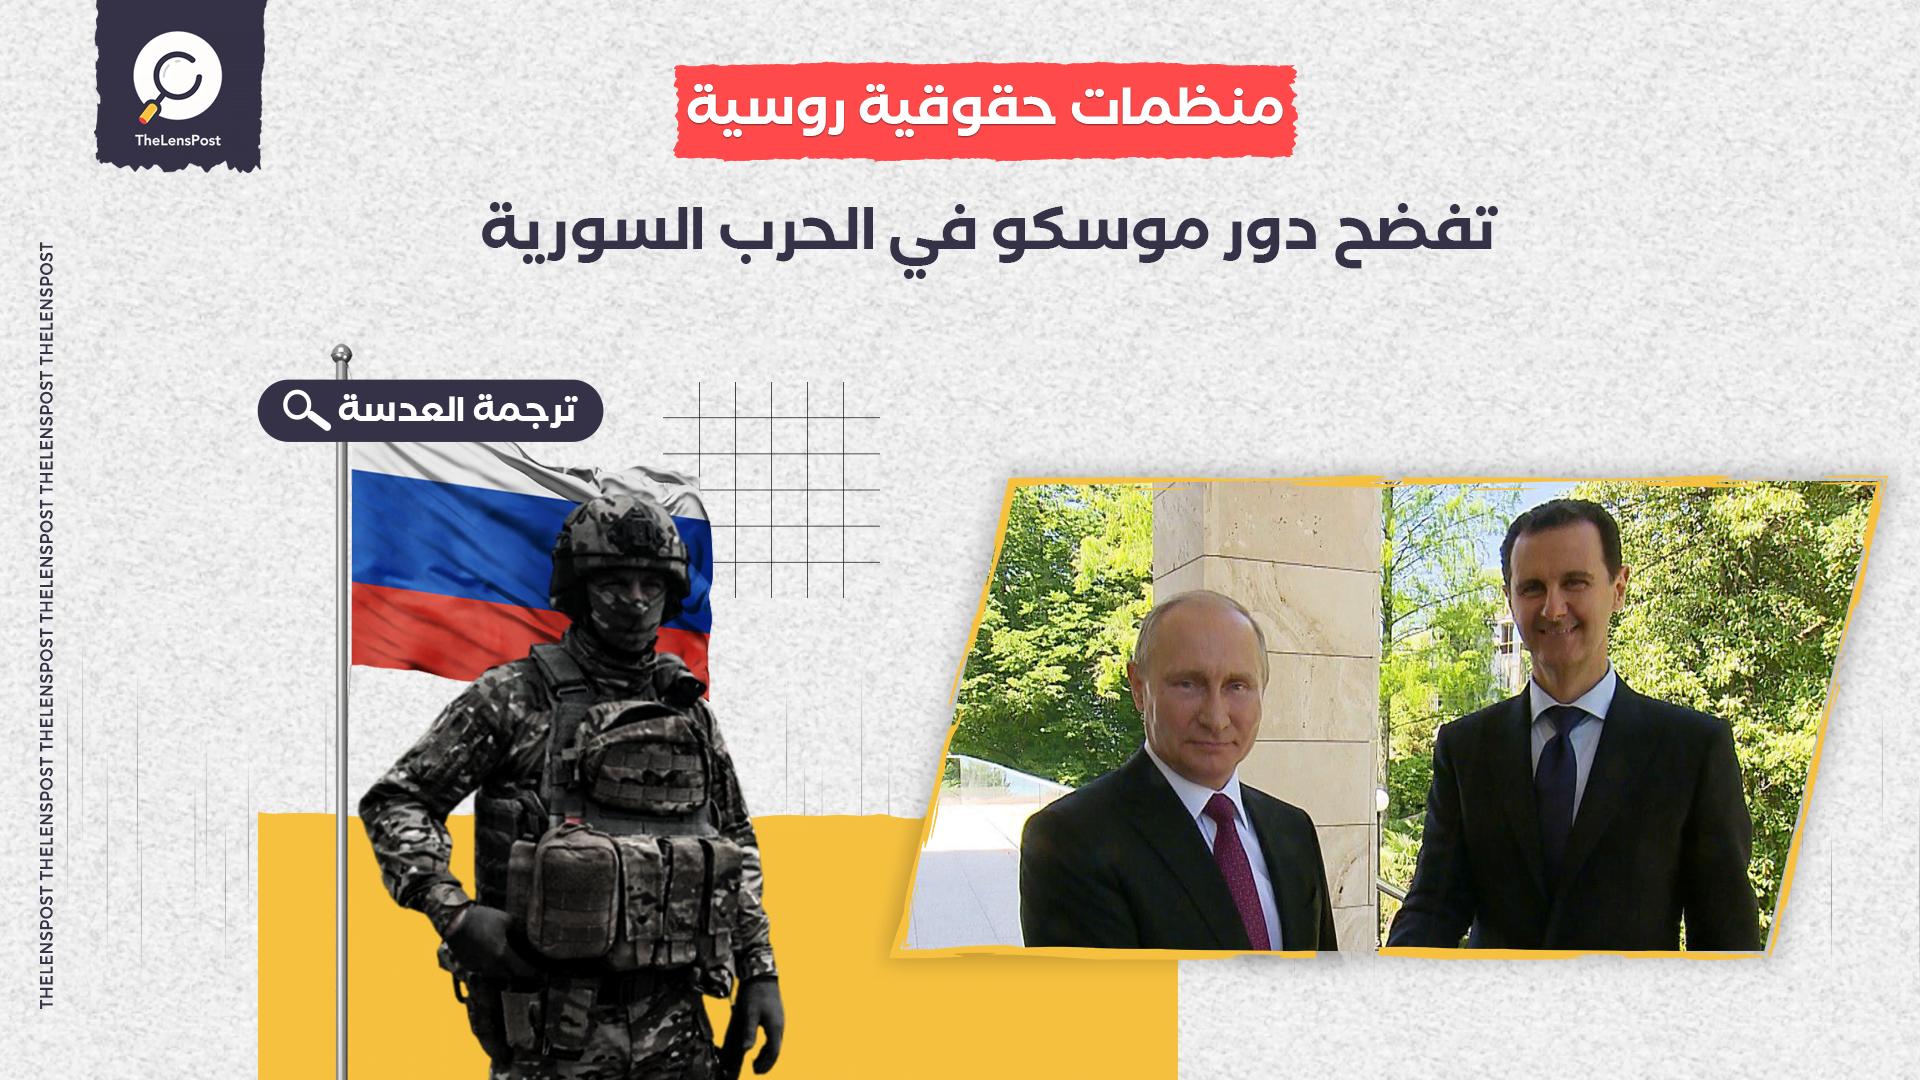 للمرة الأولى- منظمات حقوقية روسية تفضح دور موسكو في الحرب السورية